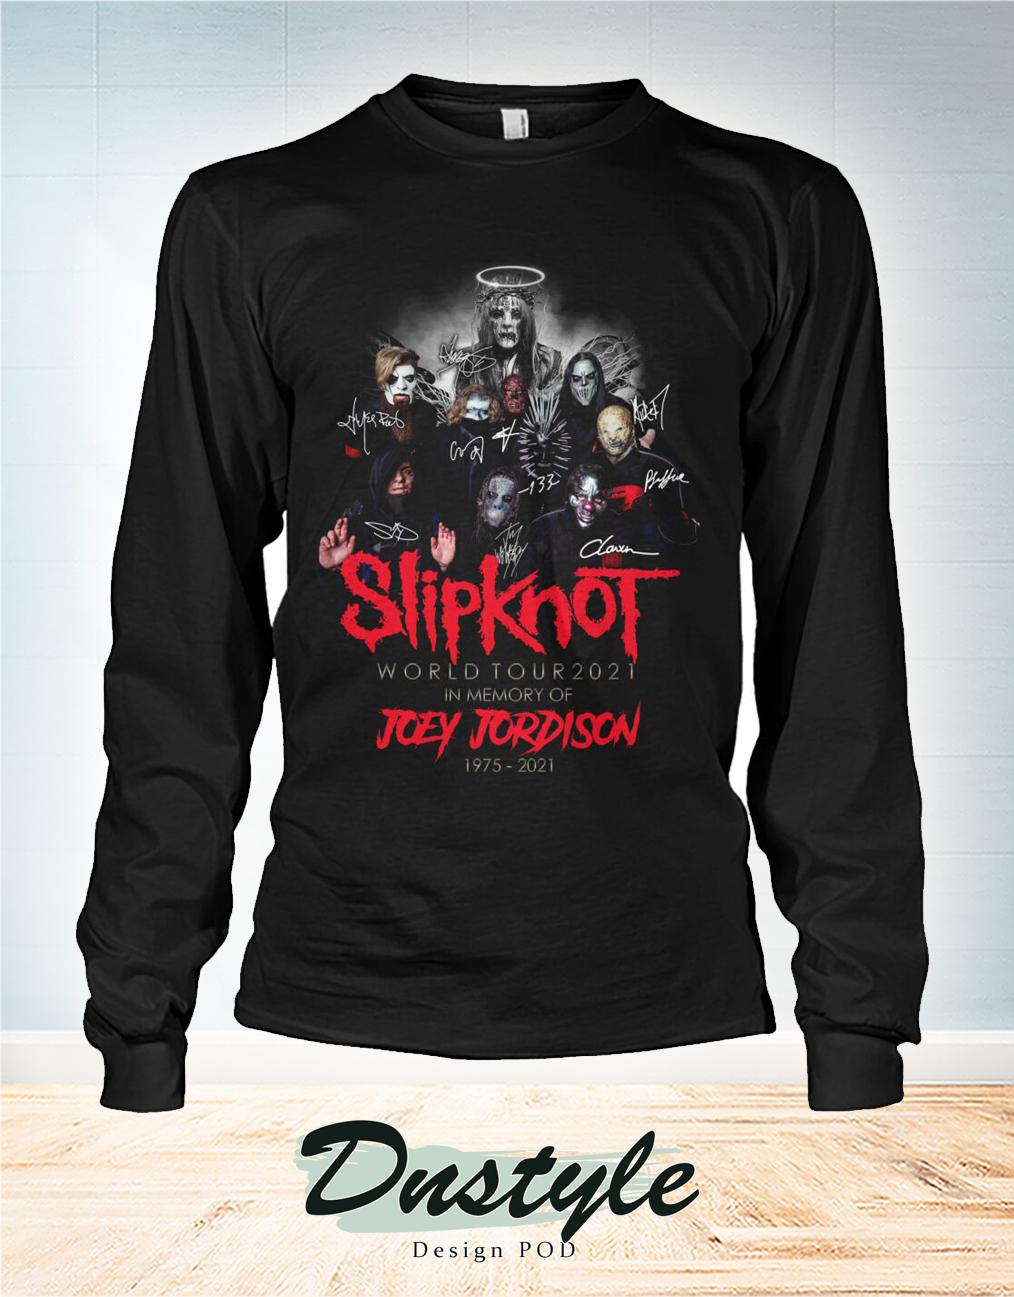 Slipknot world tour 2021 in memory of Joey Jordison 1975 2021 long sleeve